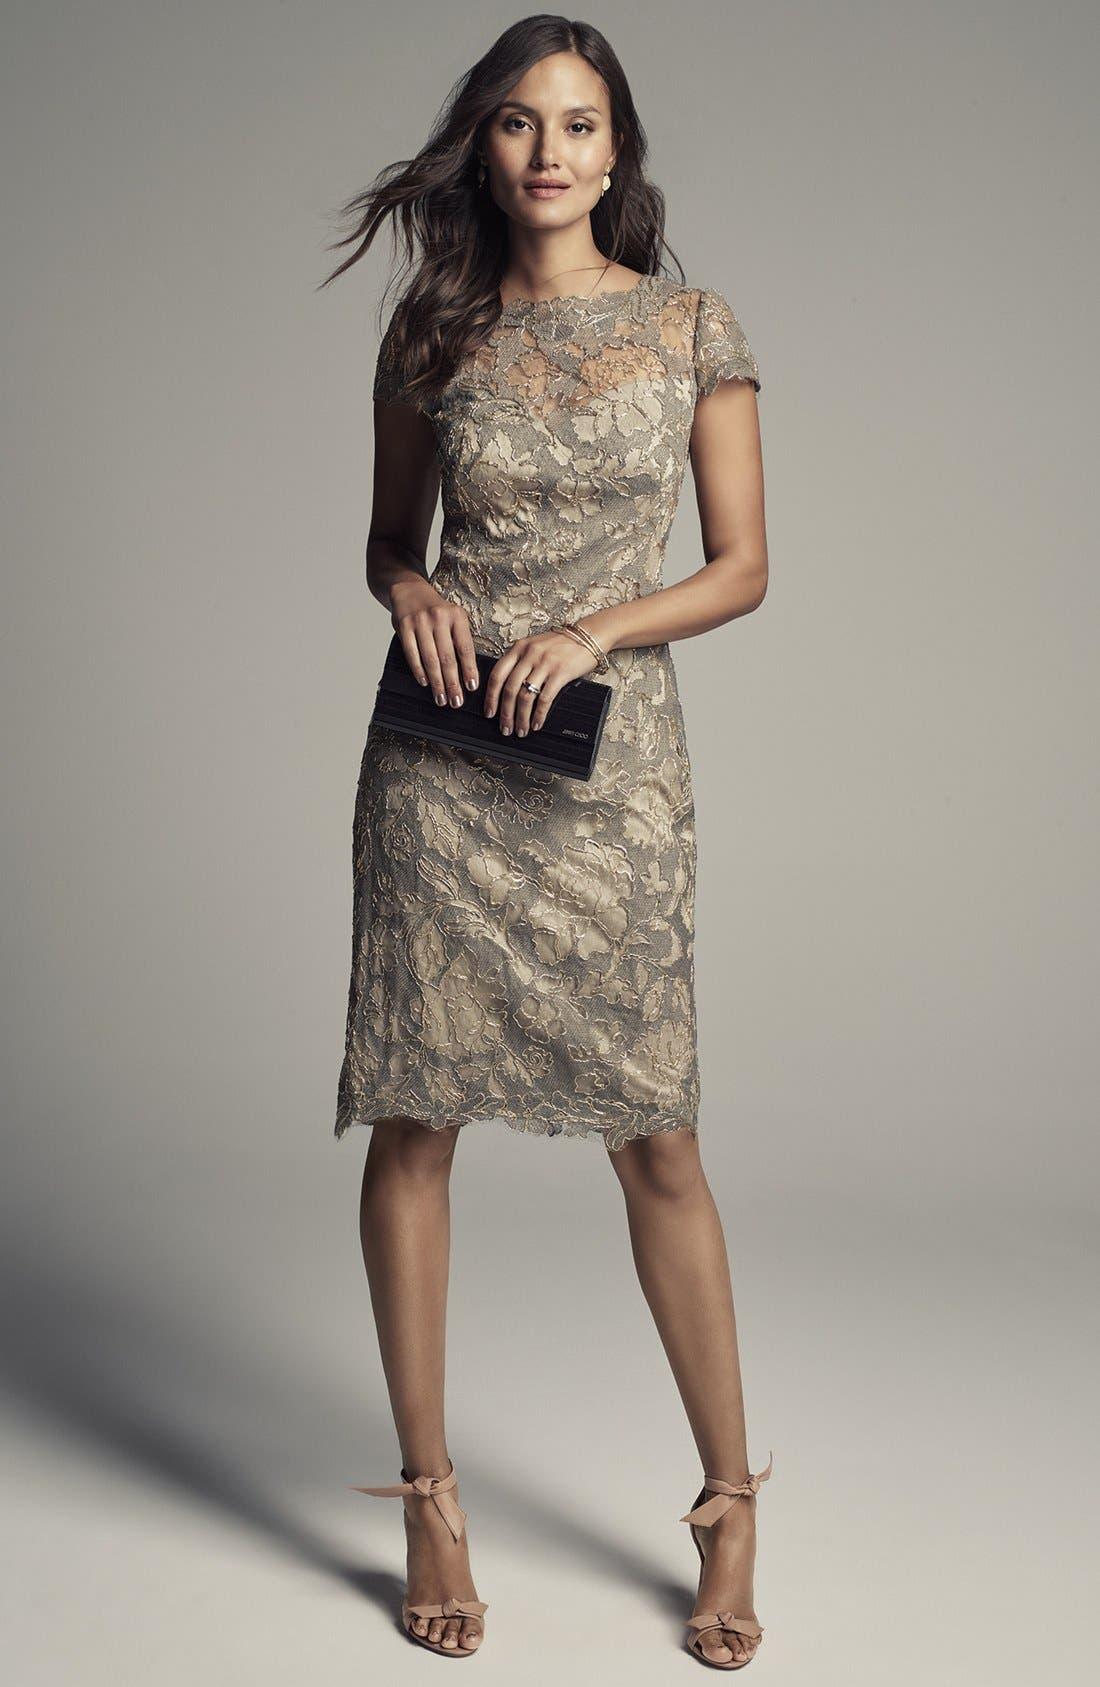 Tadashi Shoji Dress & Accessories